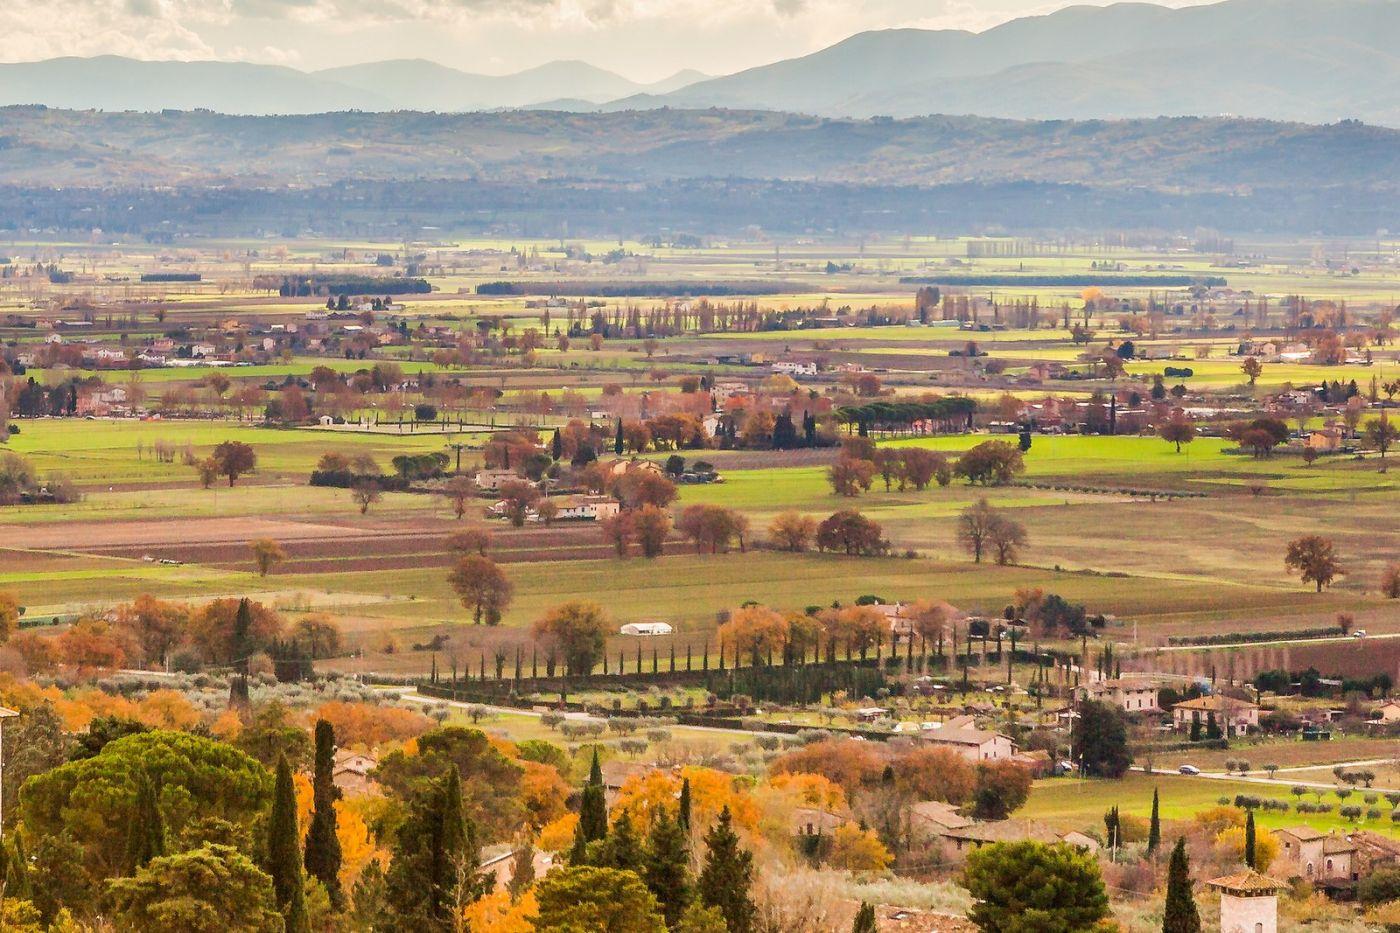 意大利阿西西(Assisi), 登高放眼_图1-30